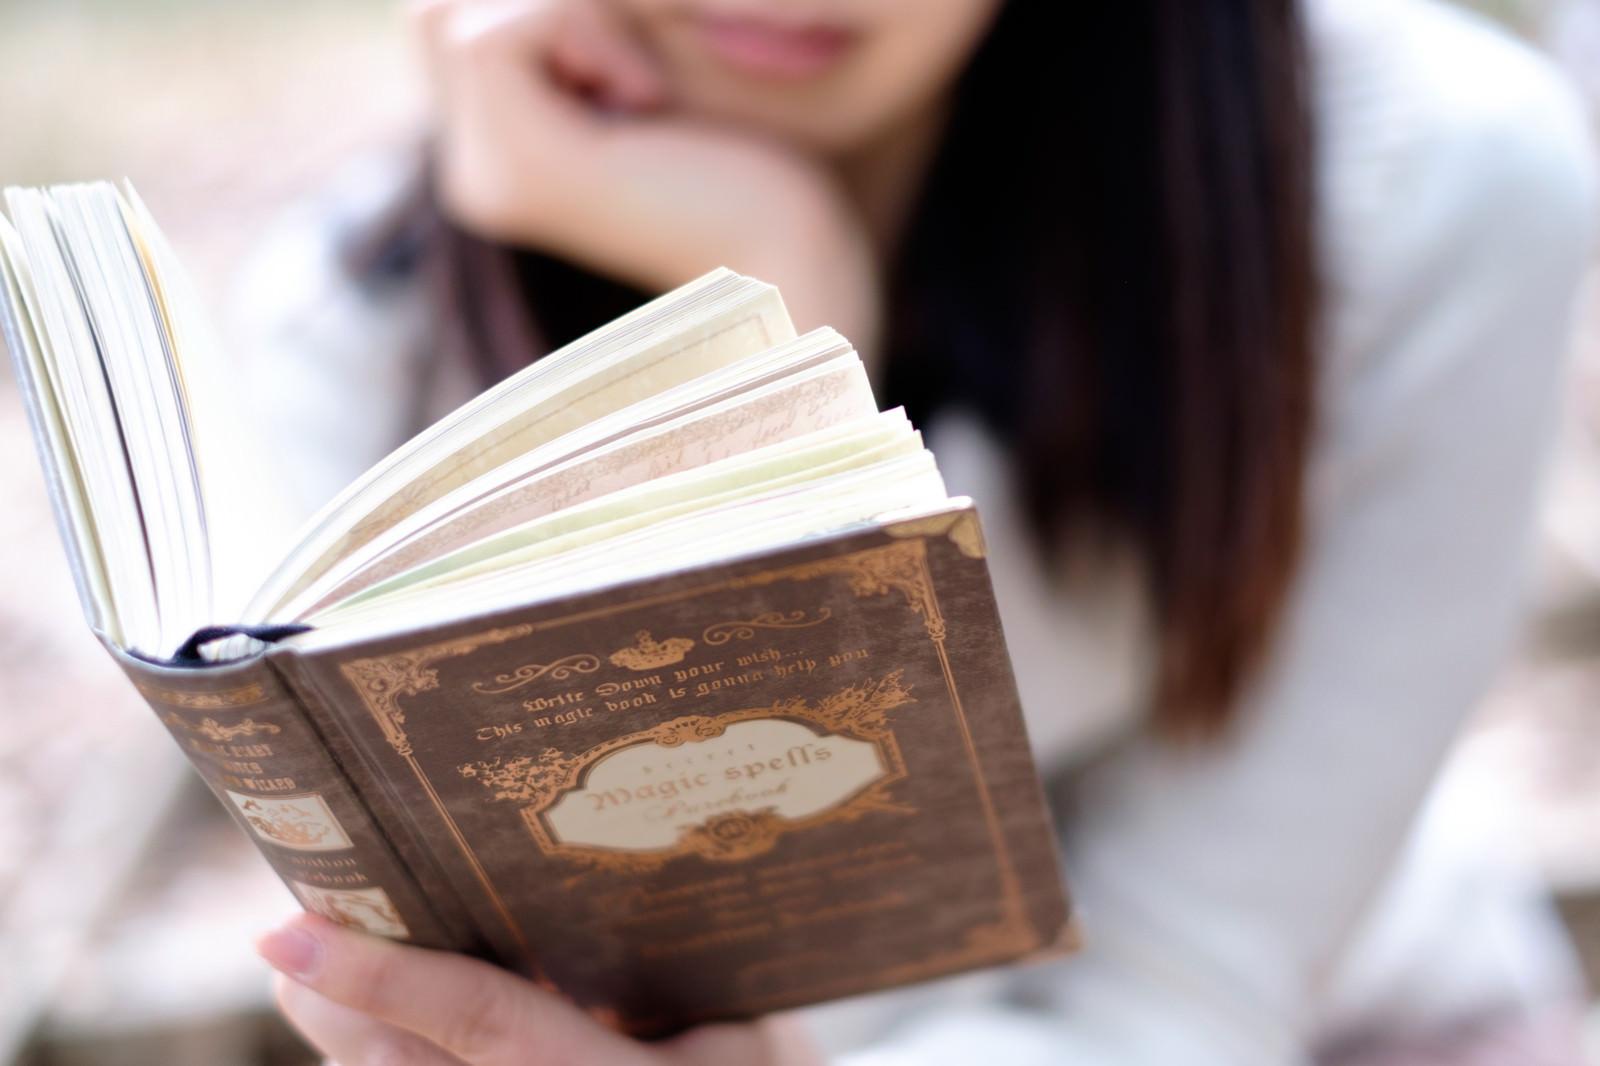 「洋書を片手に時間を潰す女性 | 写真の無料素材・フリー素材 - ぱくたそ」の写真